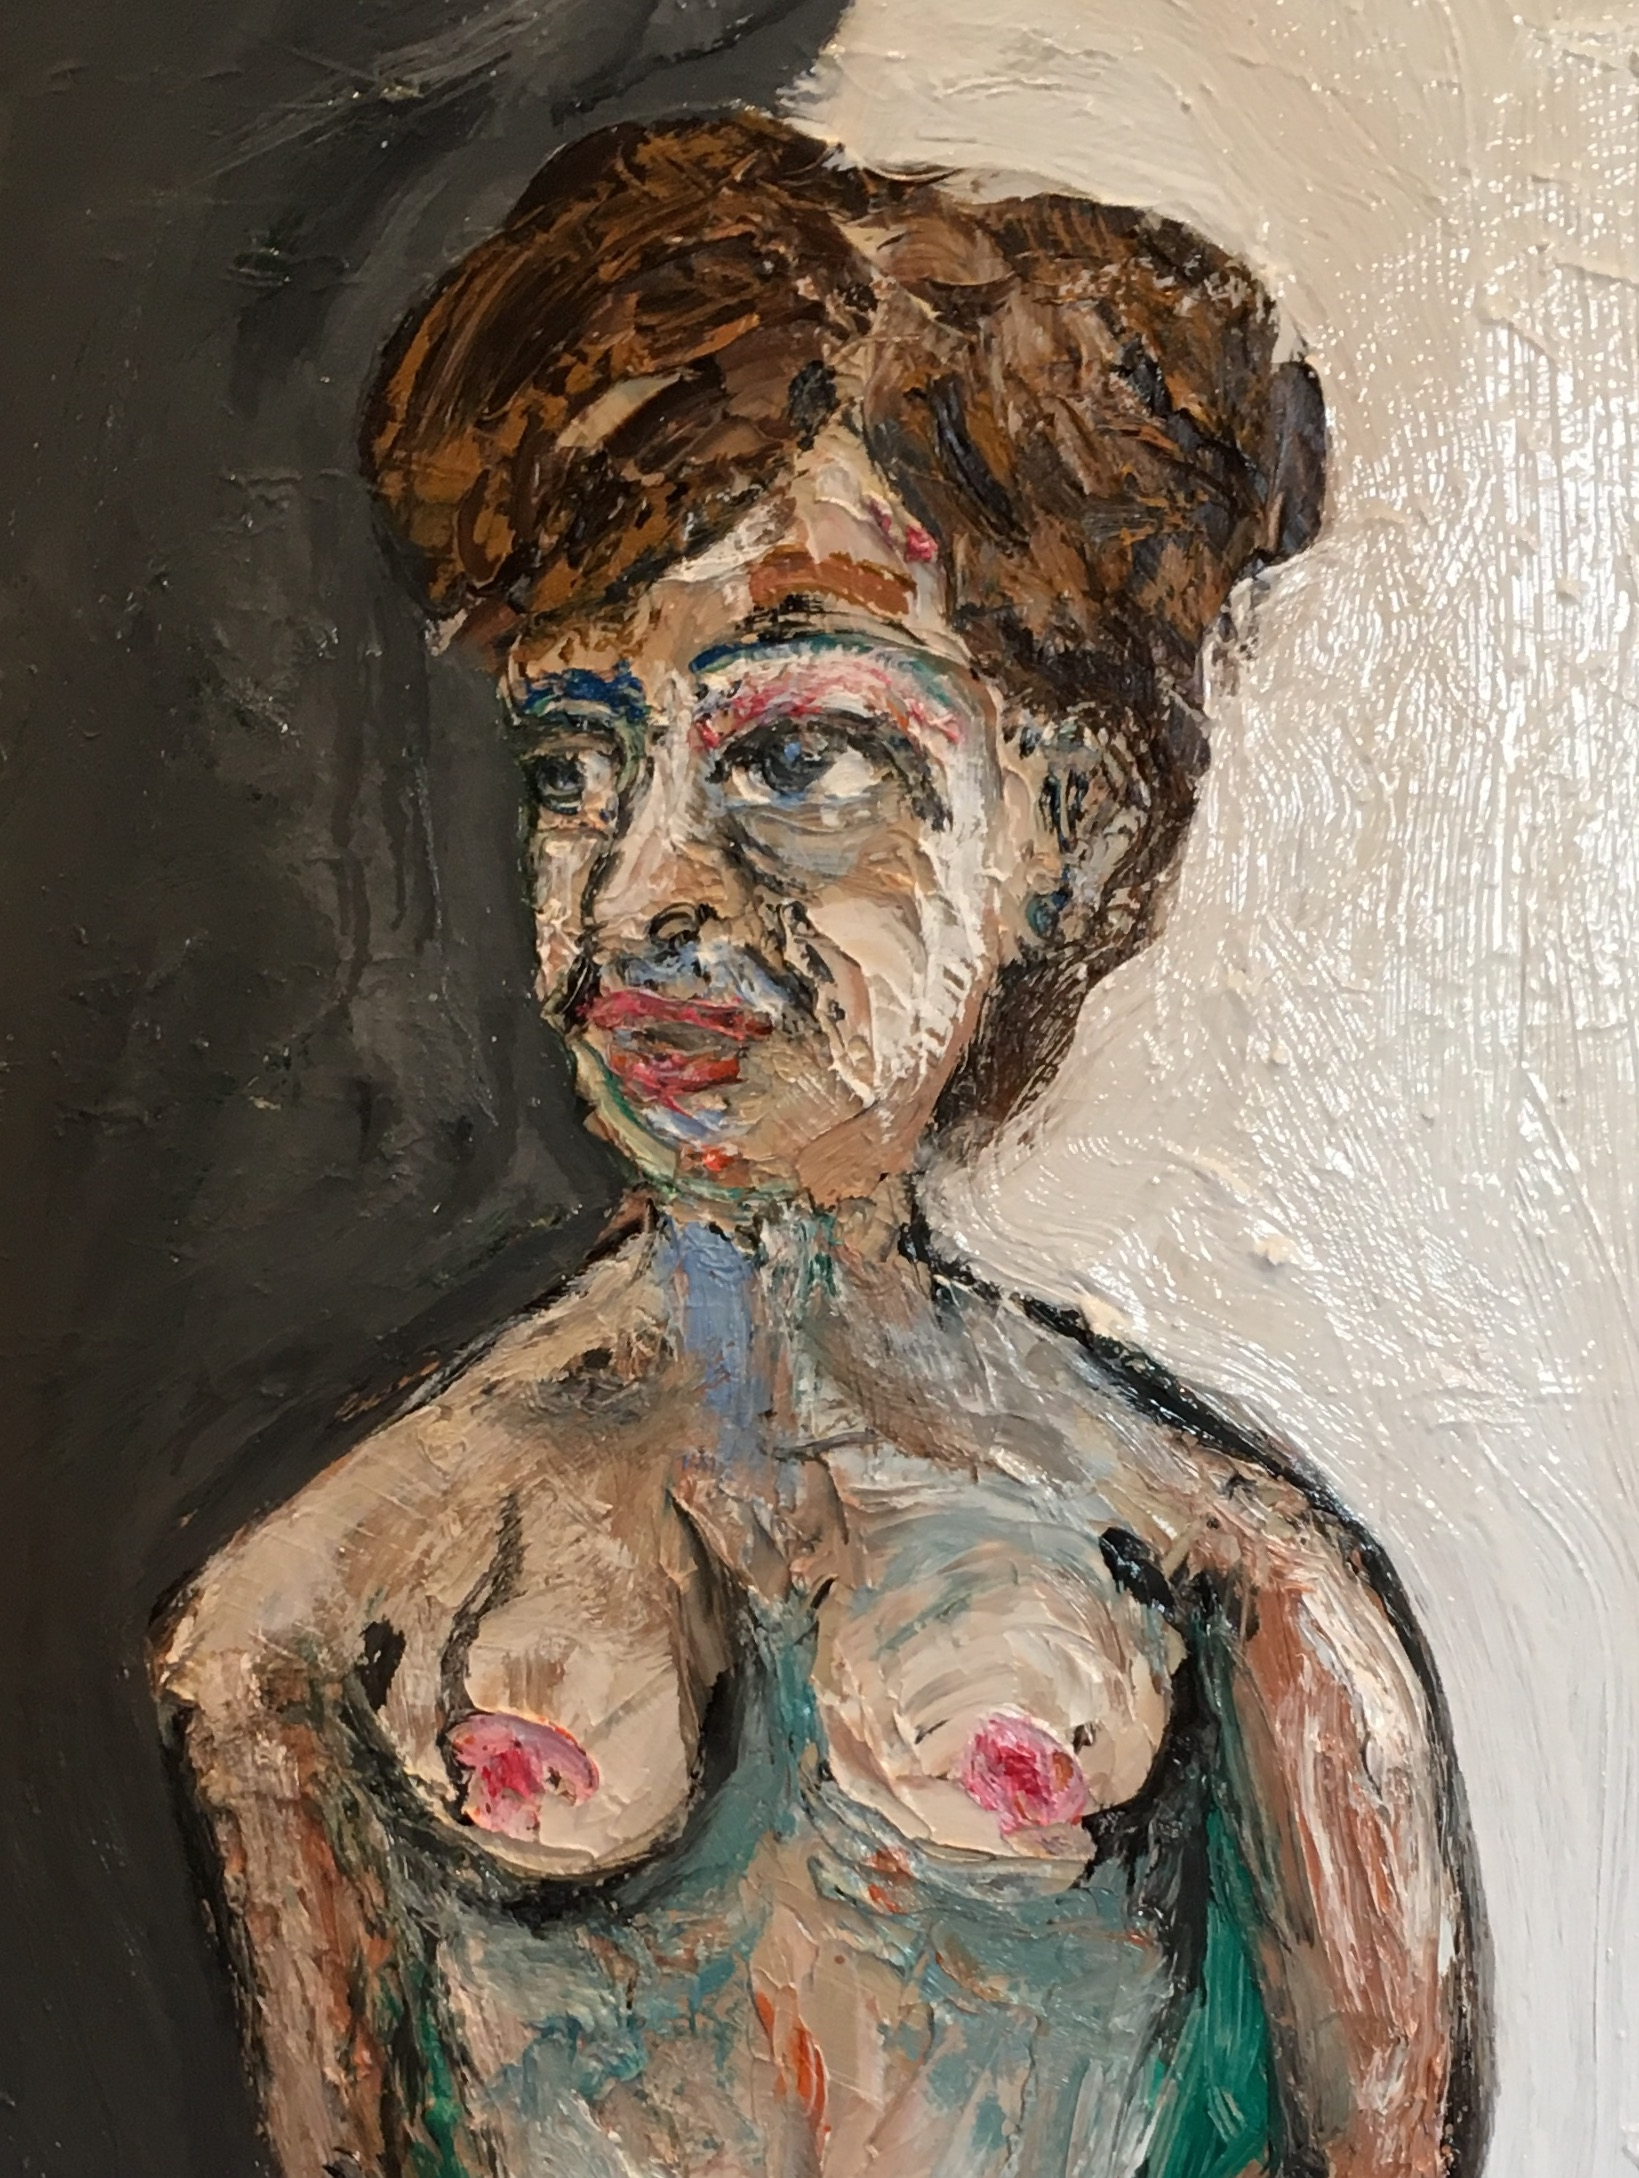 Rachel with Hair Up - oil on canvas 2017